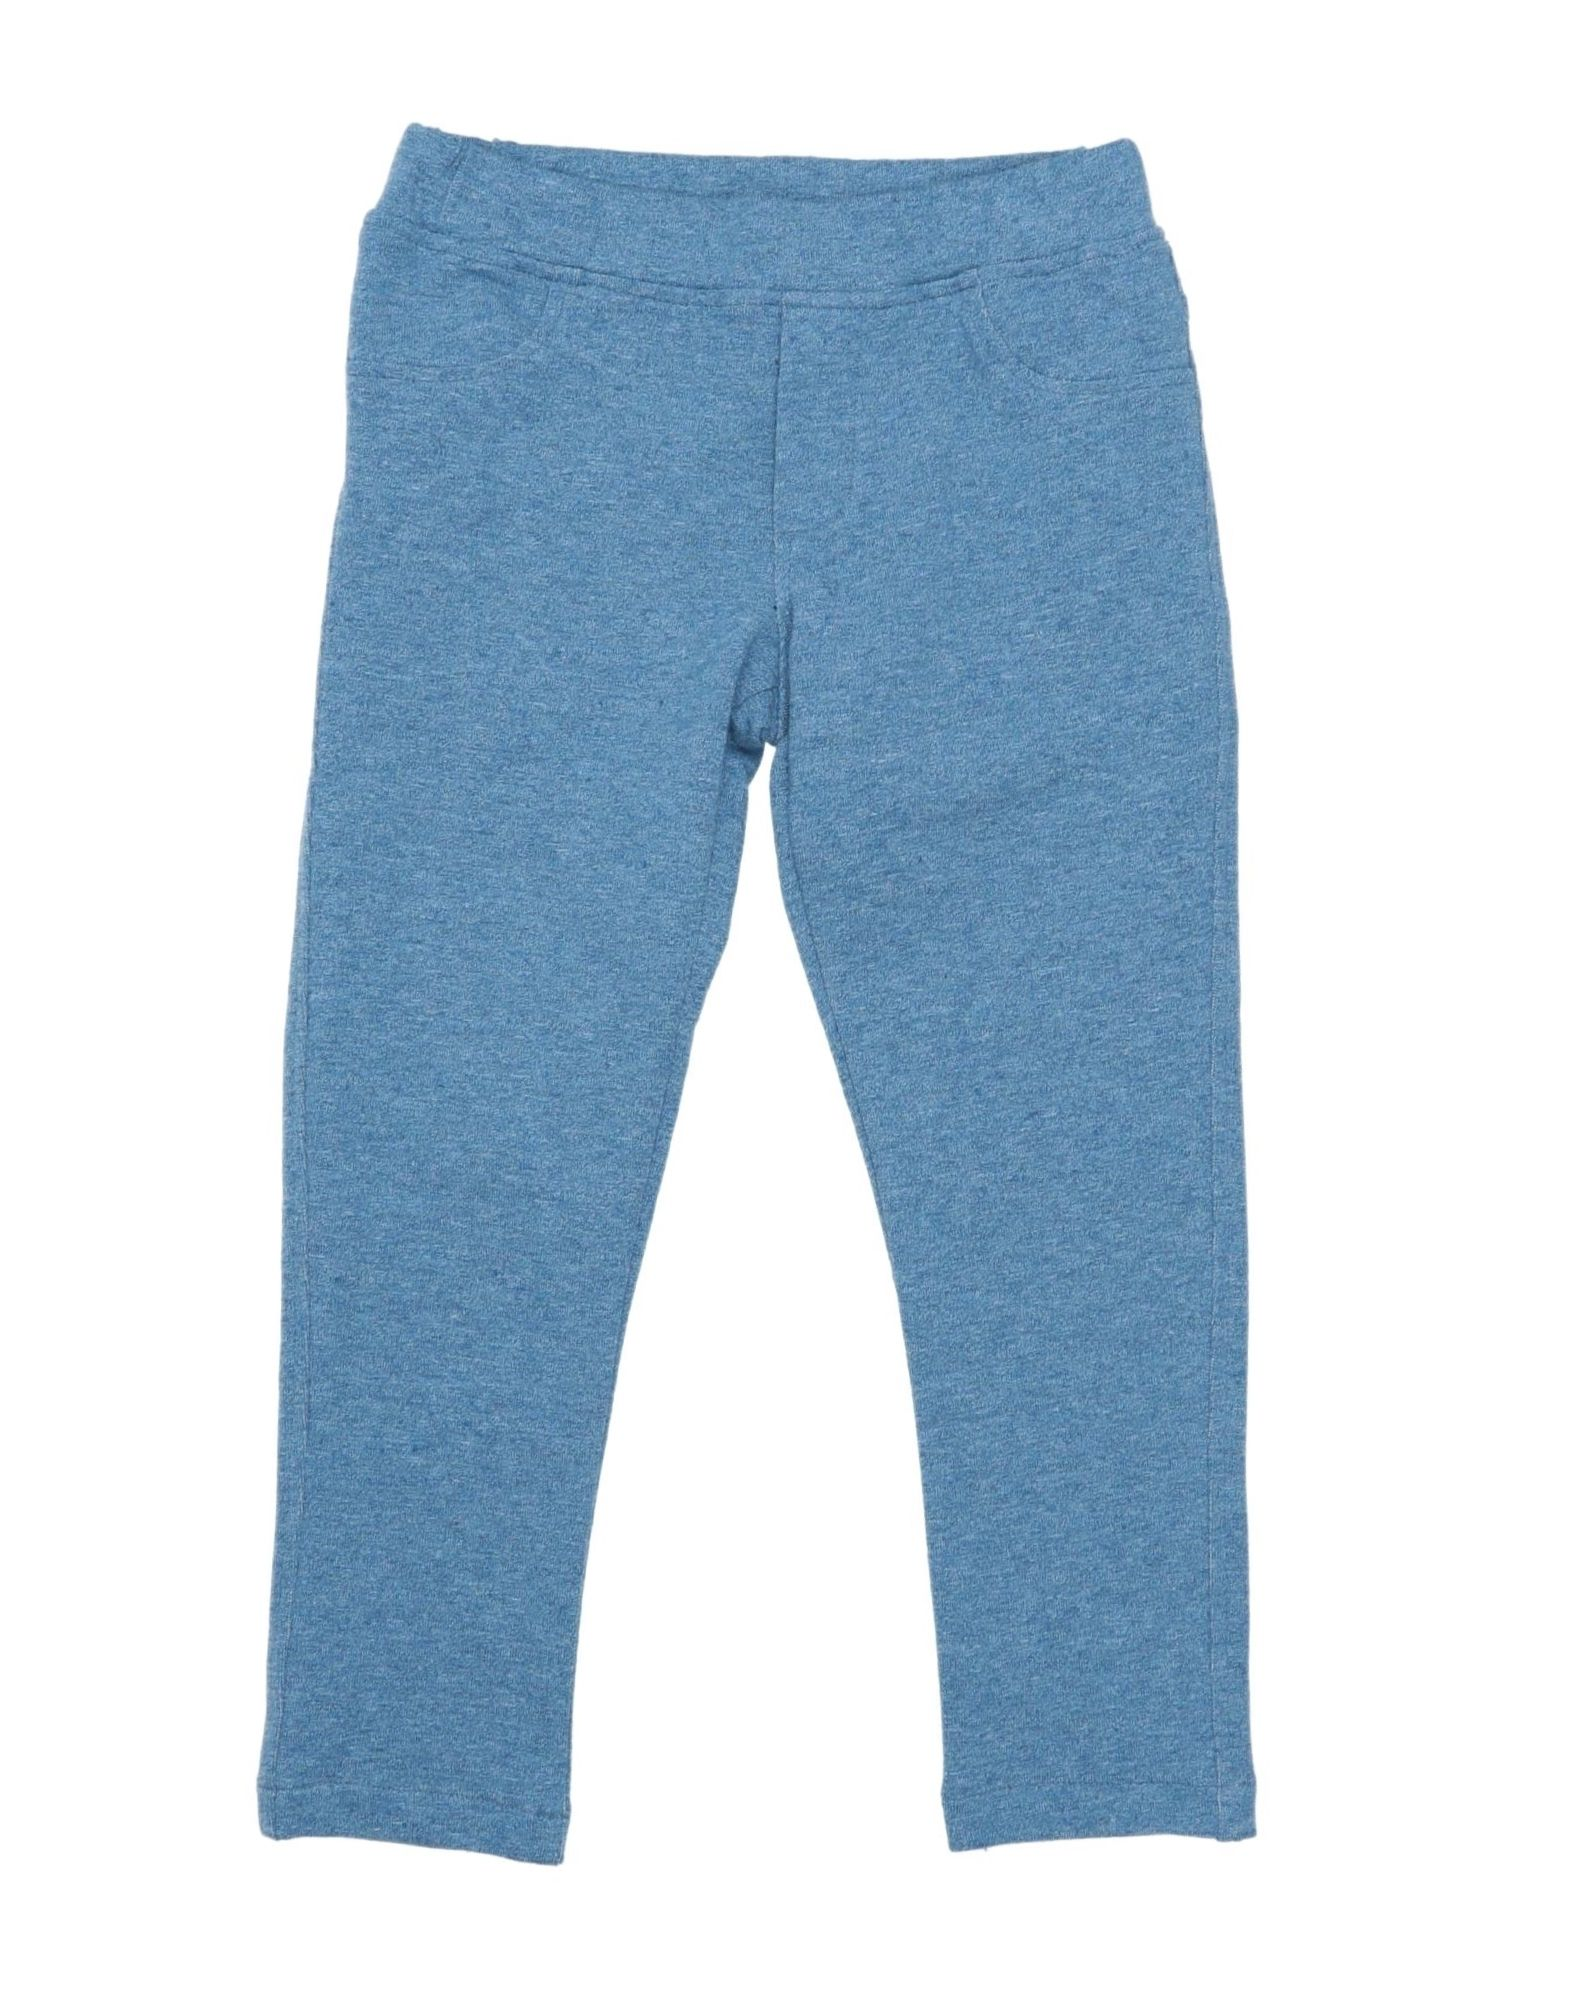 Aletta Kids' Leggings In Blue